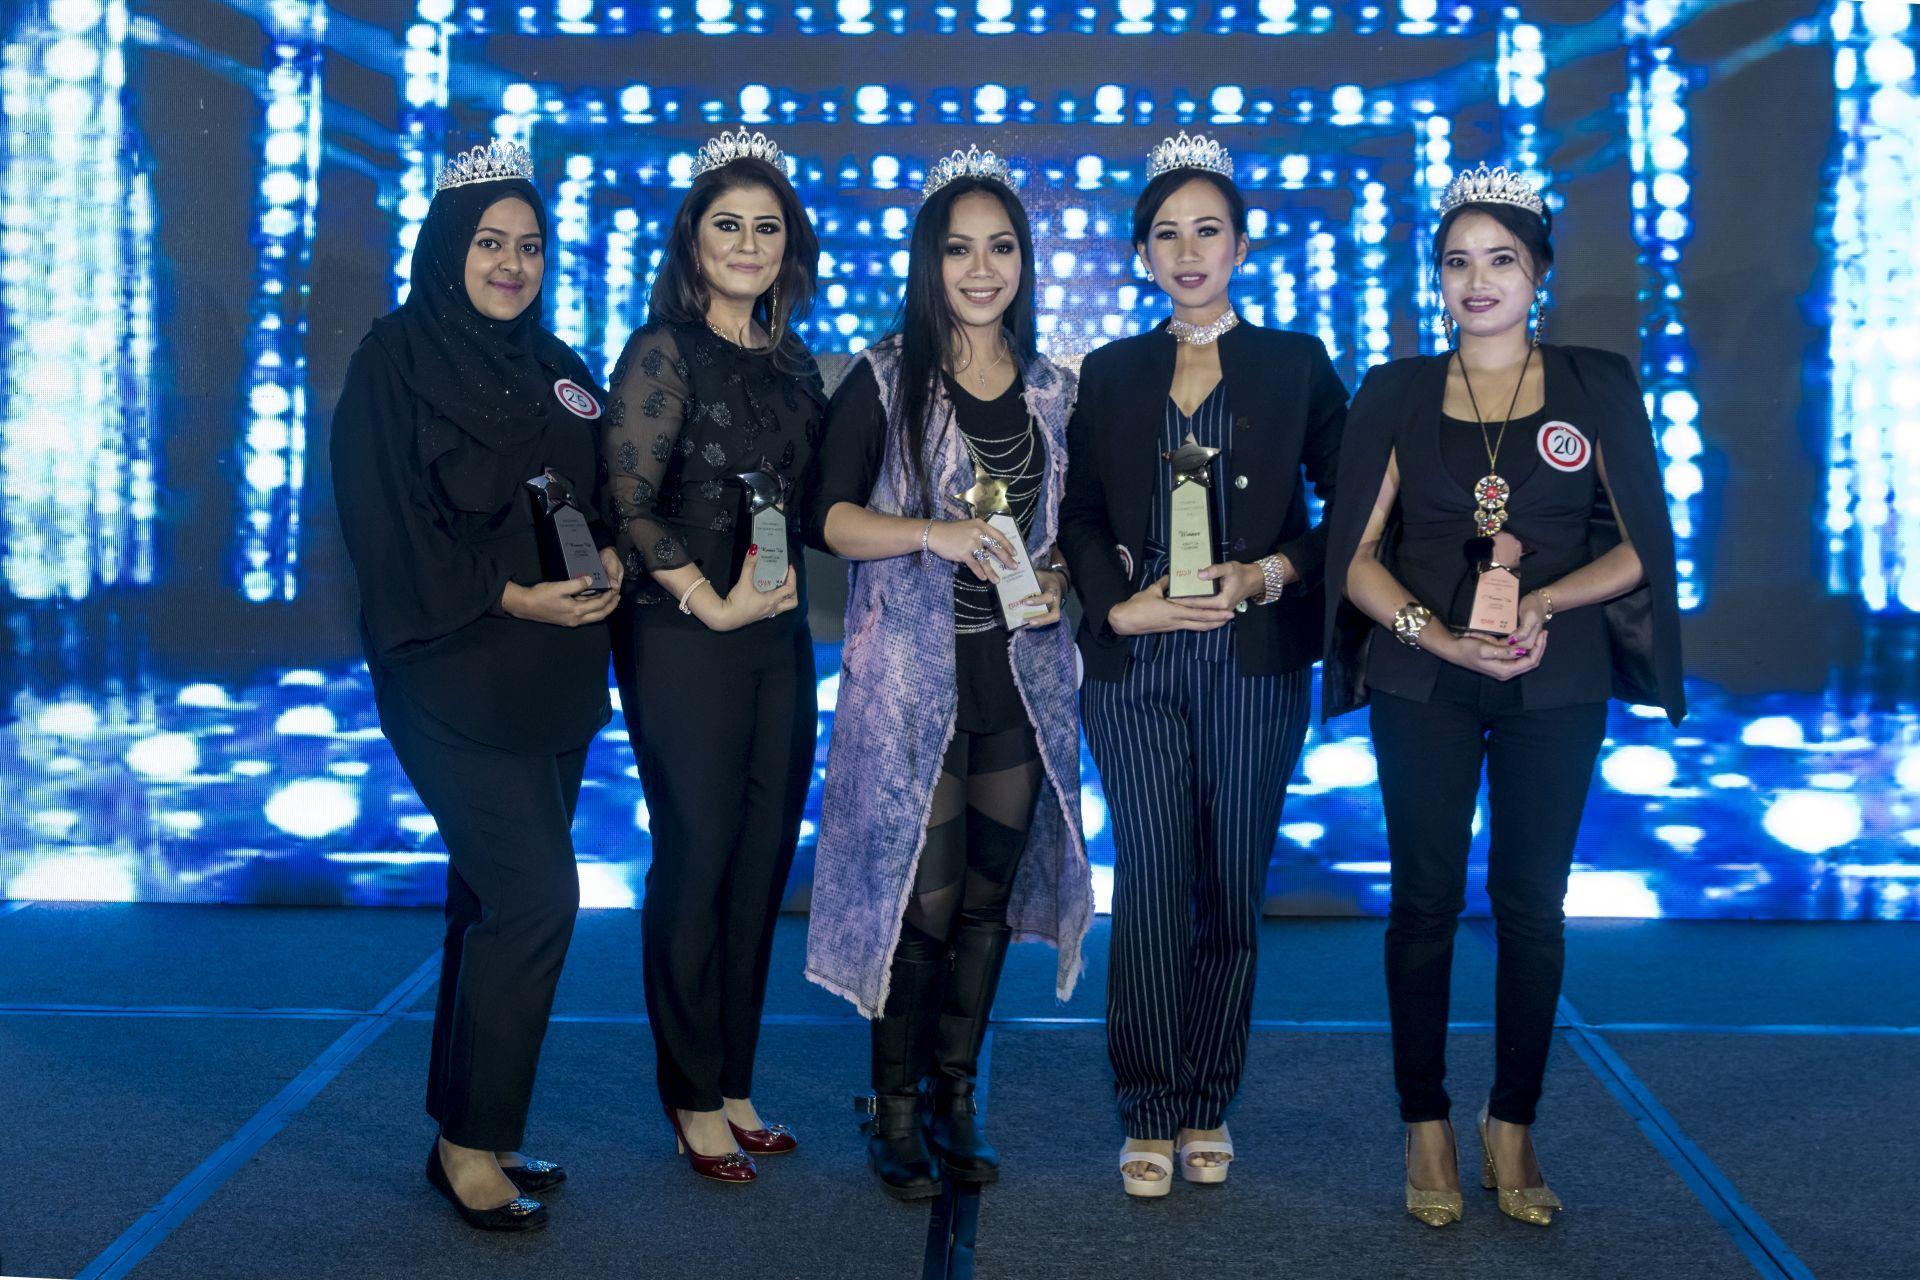 Crowning Singapore's Top Makeup Artist(s) at Marina Bay